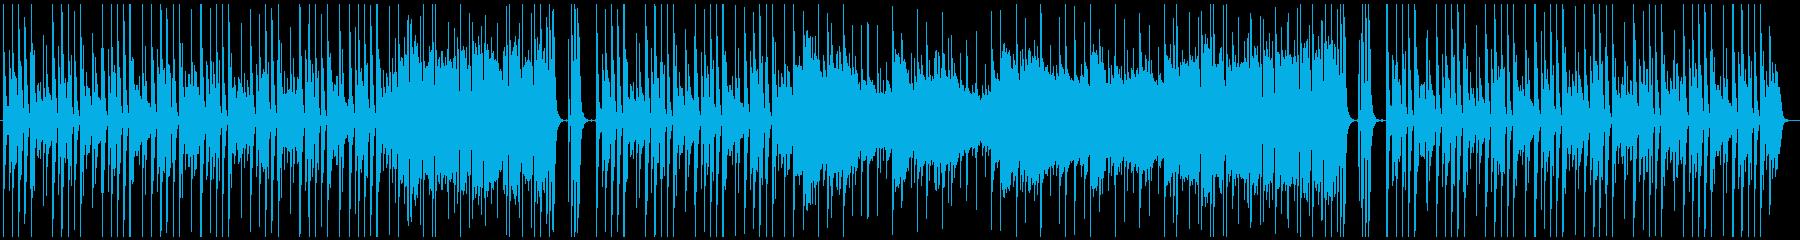 待ち時間、選択時のシンプルな音楽の再生済みの波形